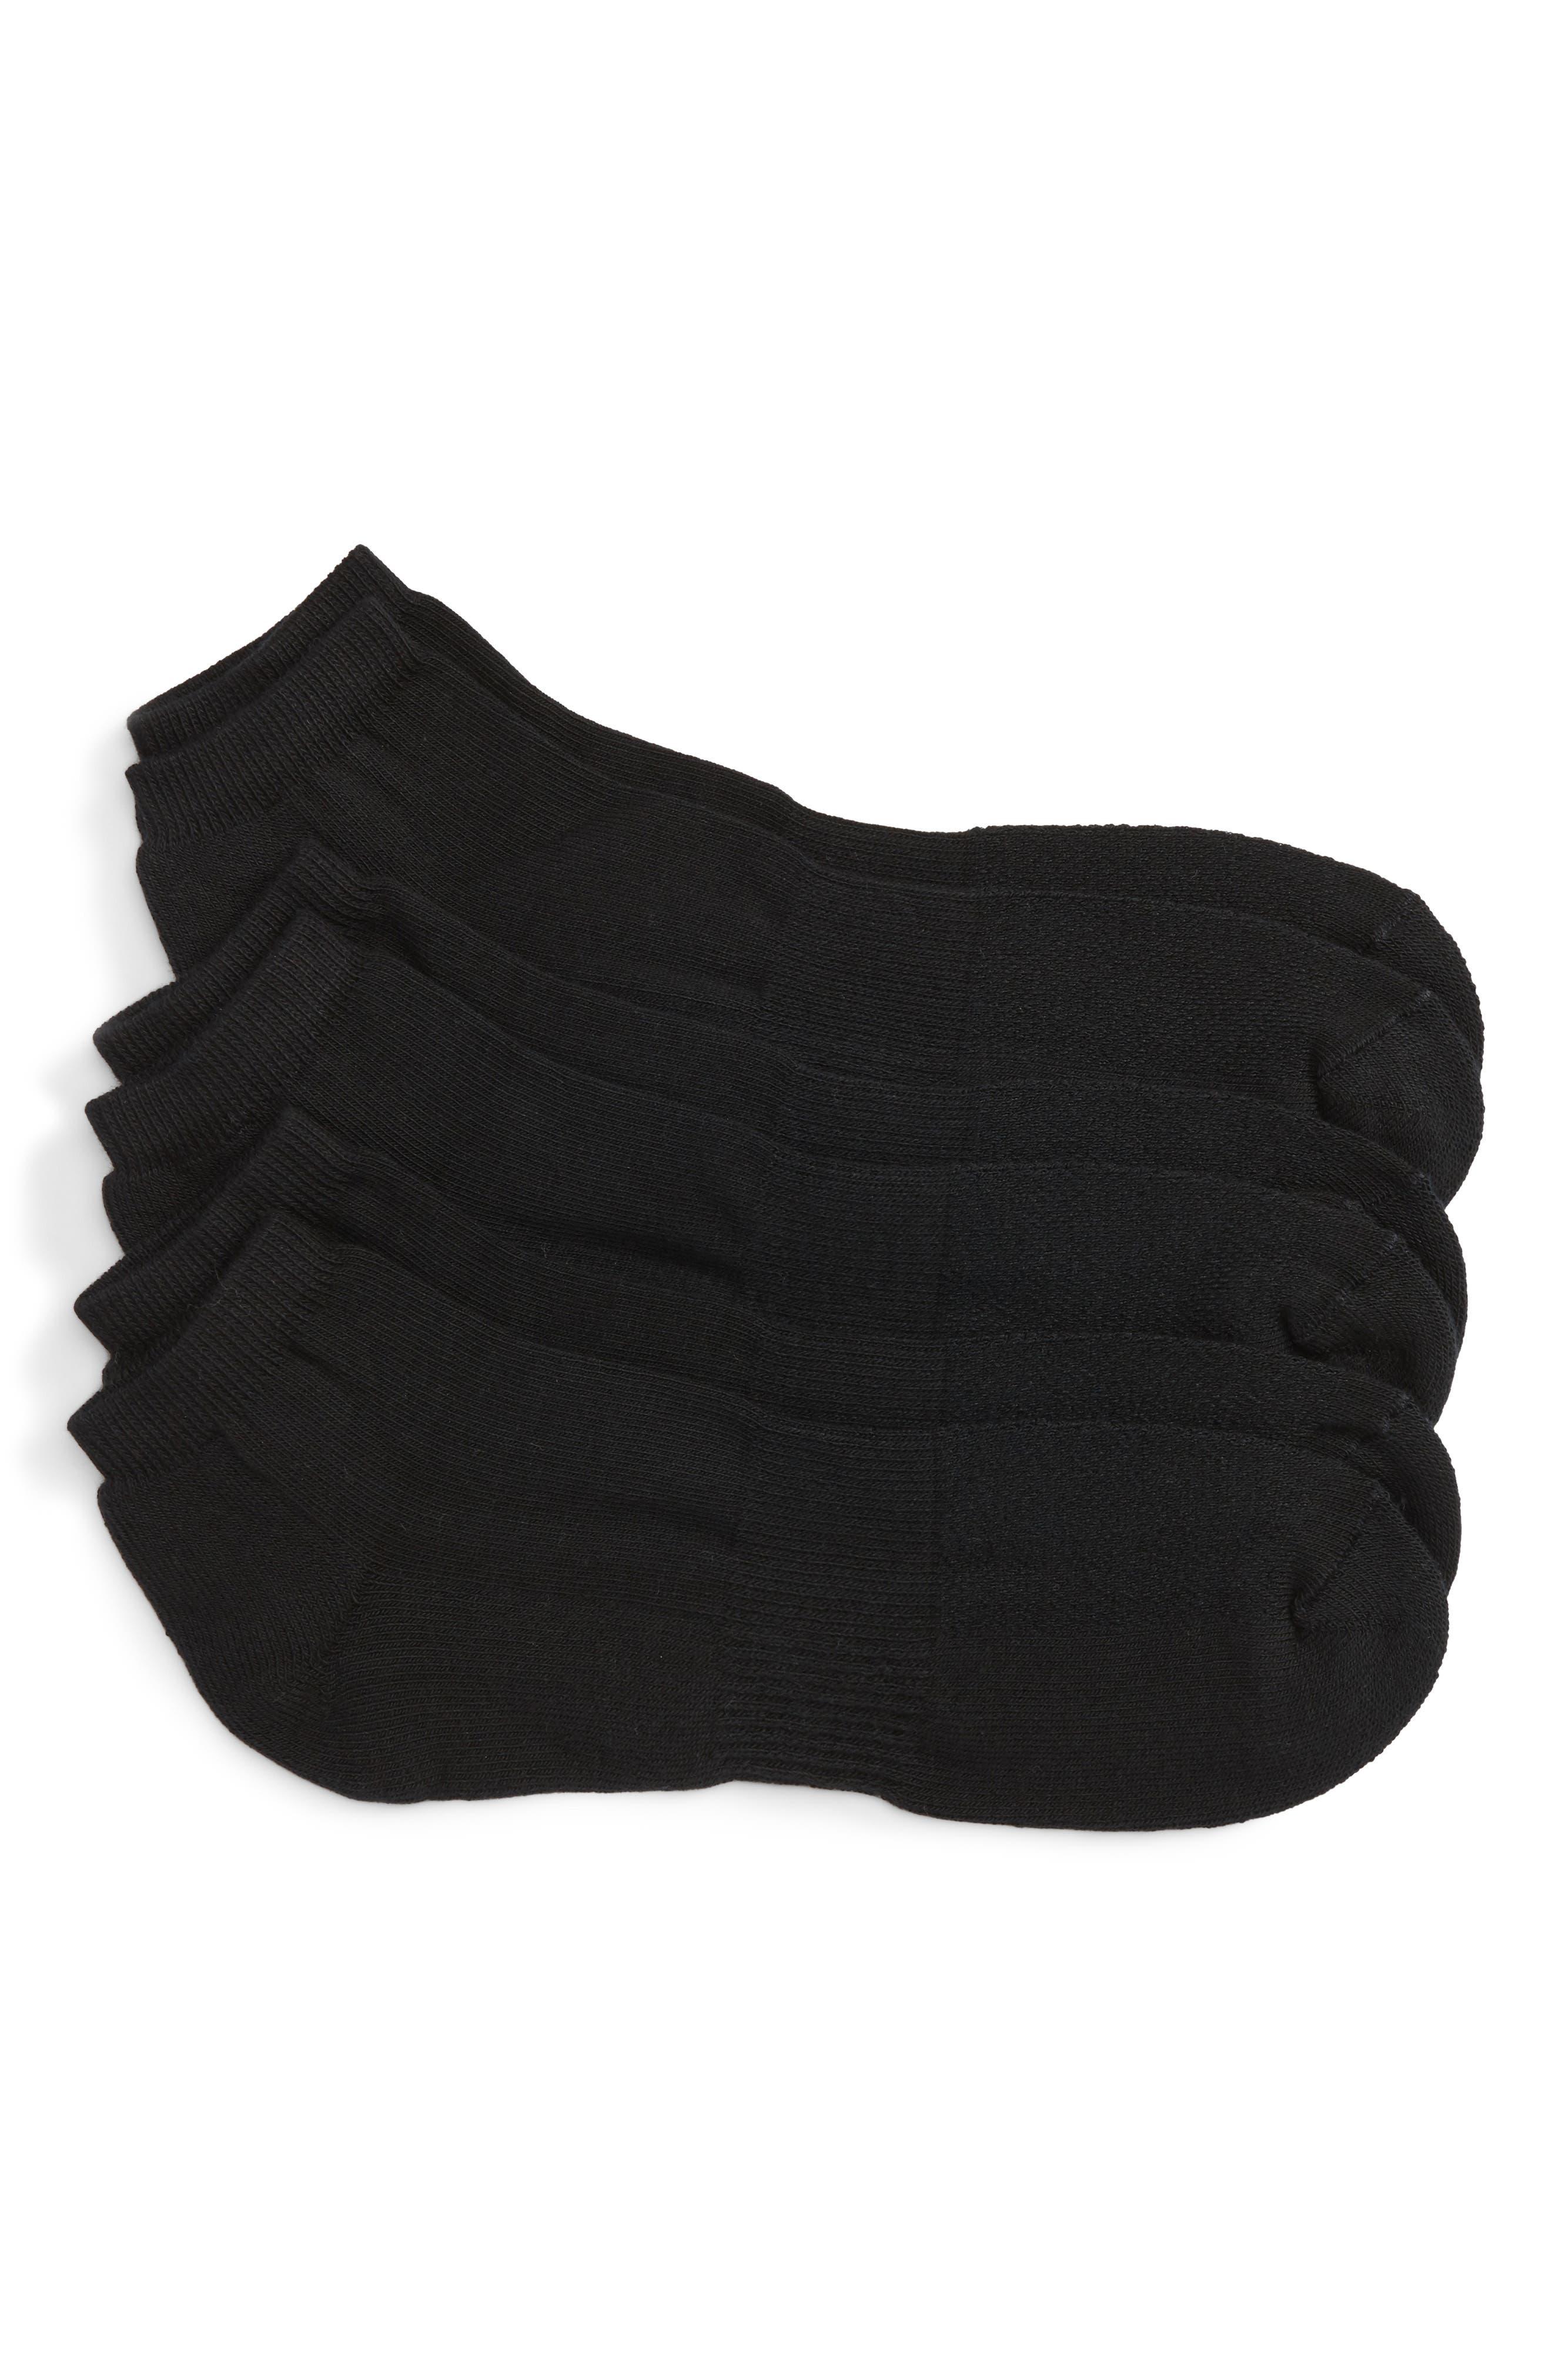 NORDSTROM MEN'S SHOP 3-Pack No-Show Athletic Socks, Main, color, BLACK